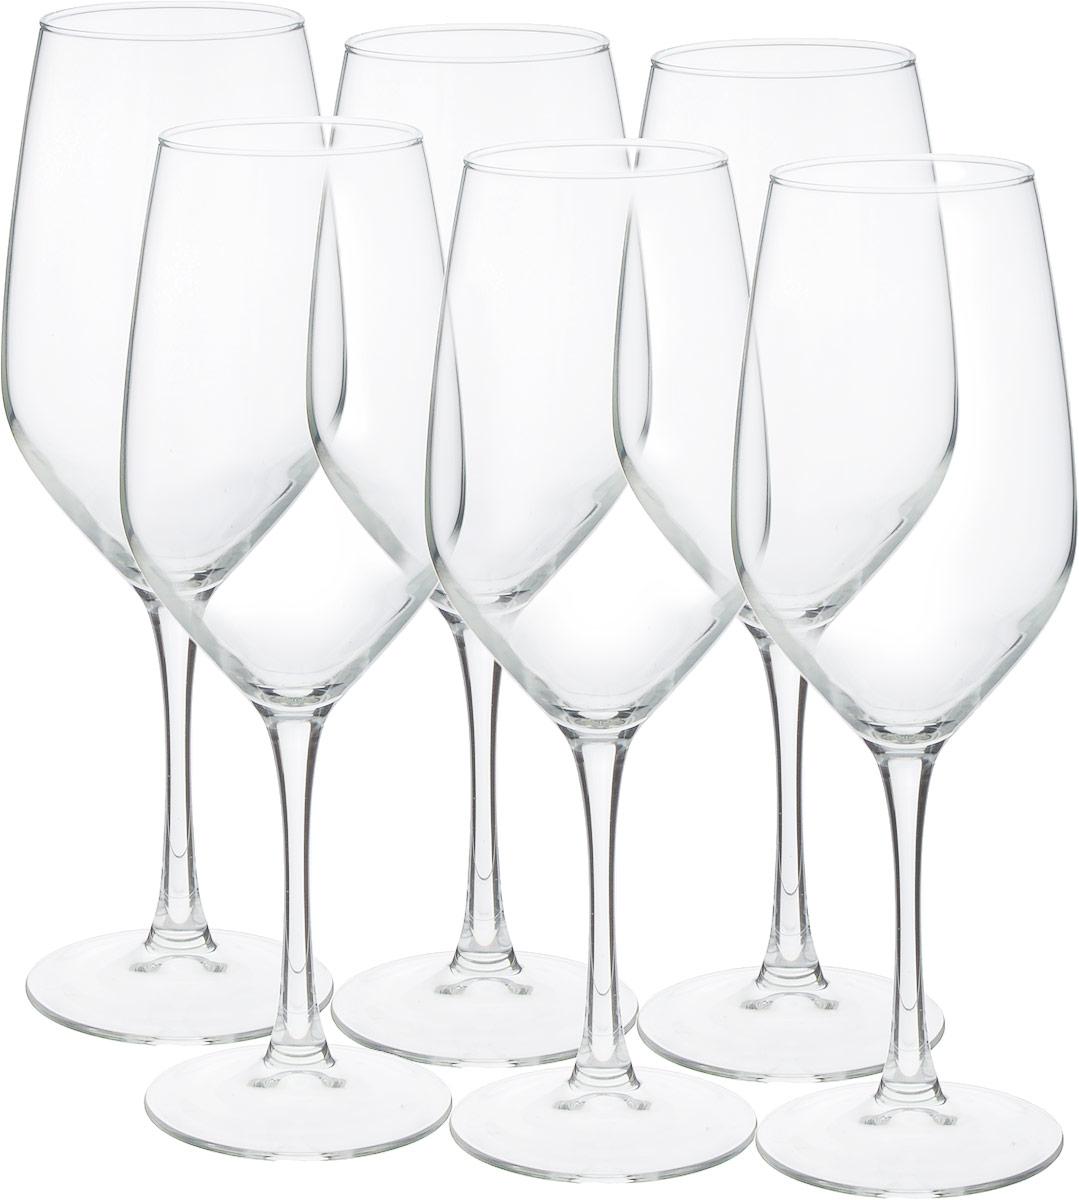 Набор фужеров для вина Luminarc Селест, 580 мл, 6 штL5833